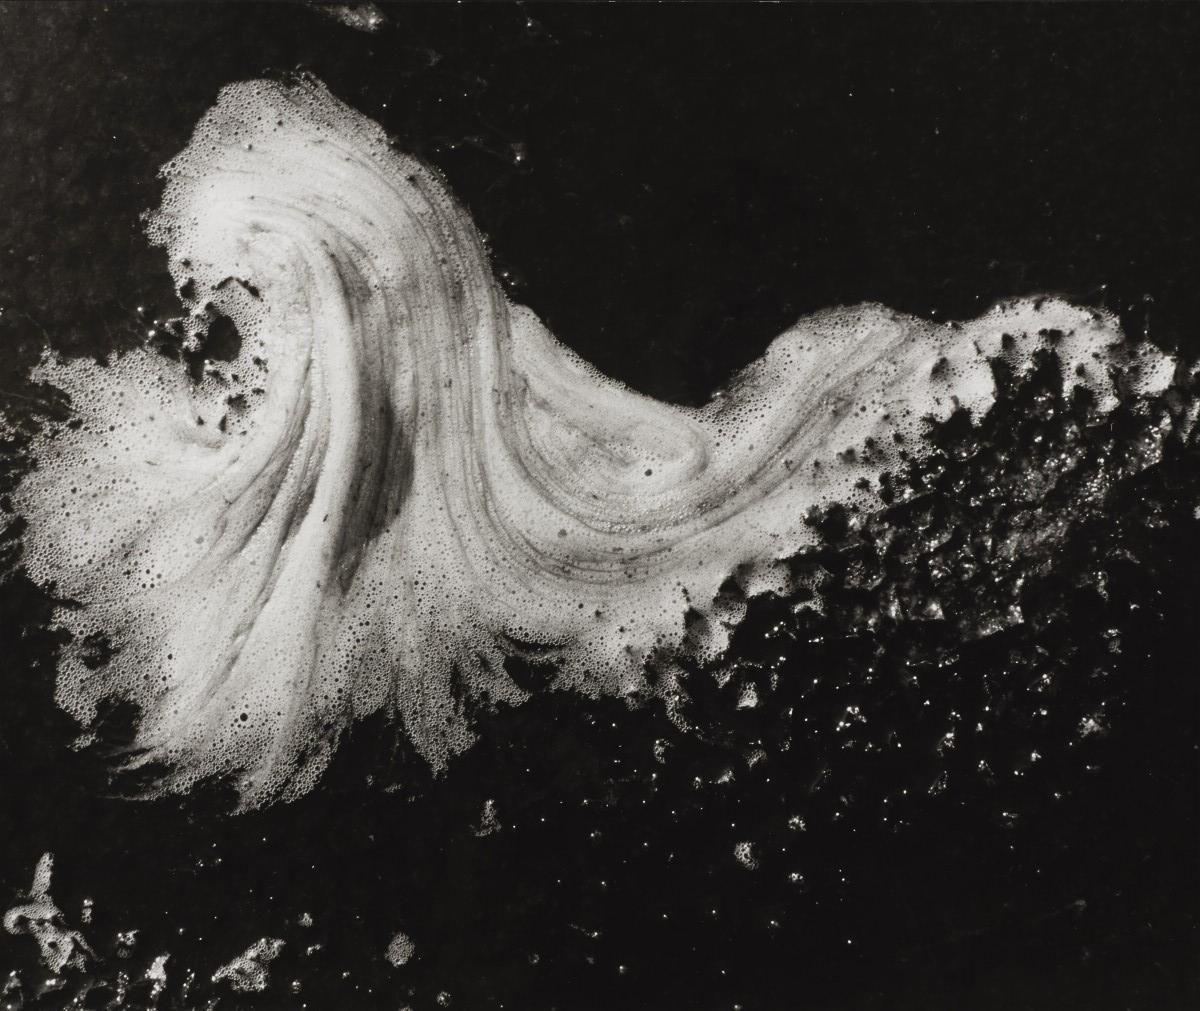 Lucien Clergue / Untitled (Schaumwelle/Water foam), c. 1970